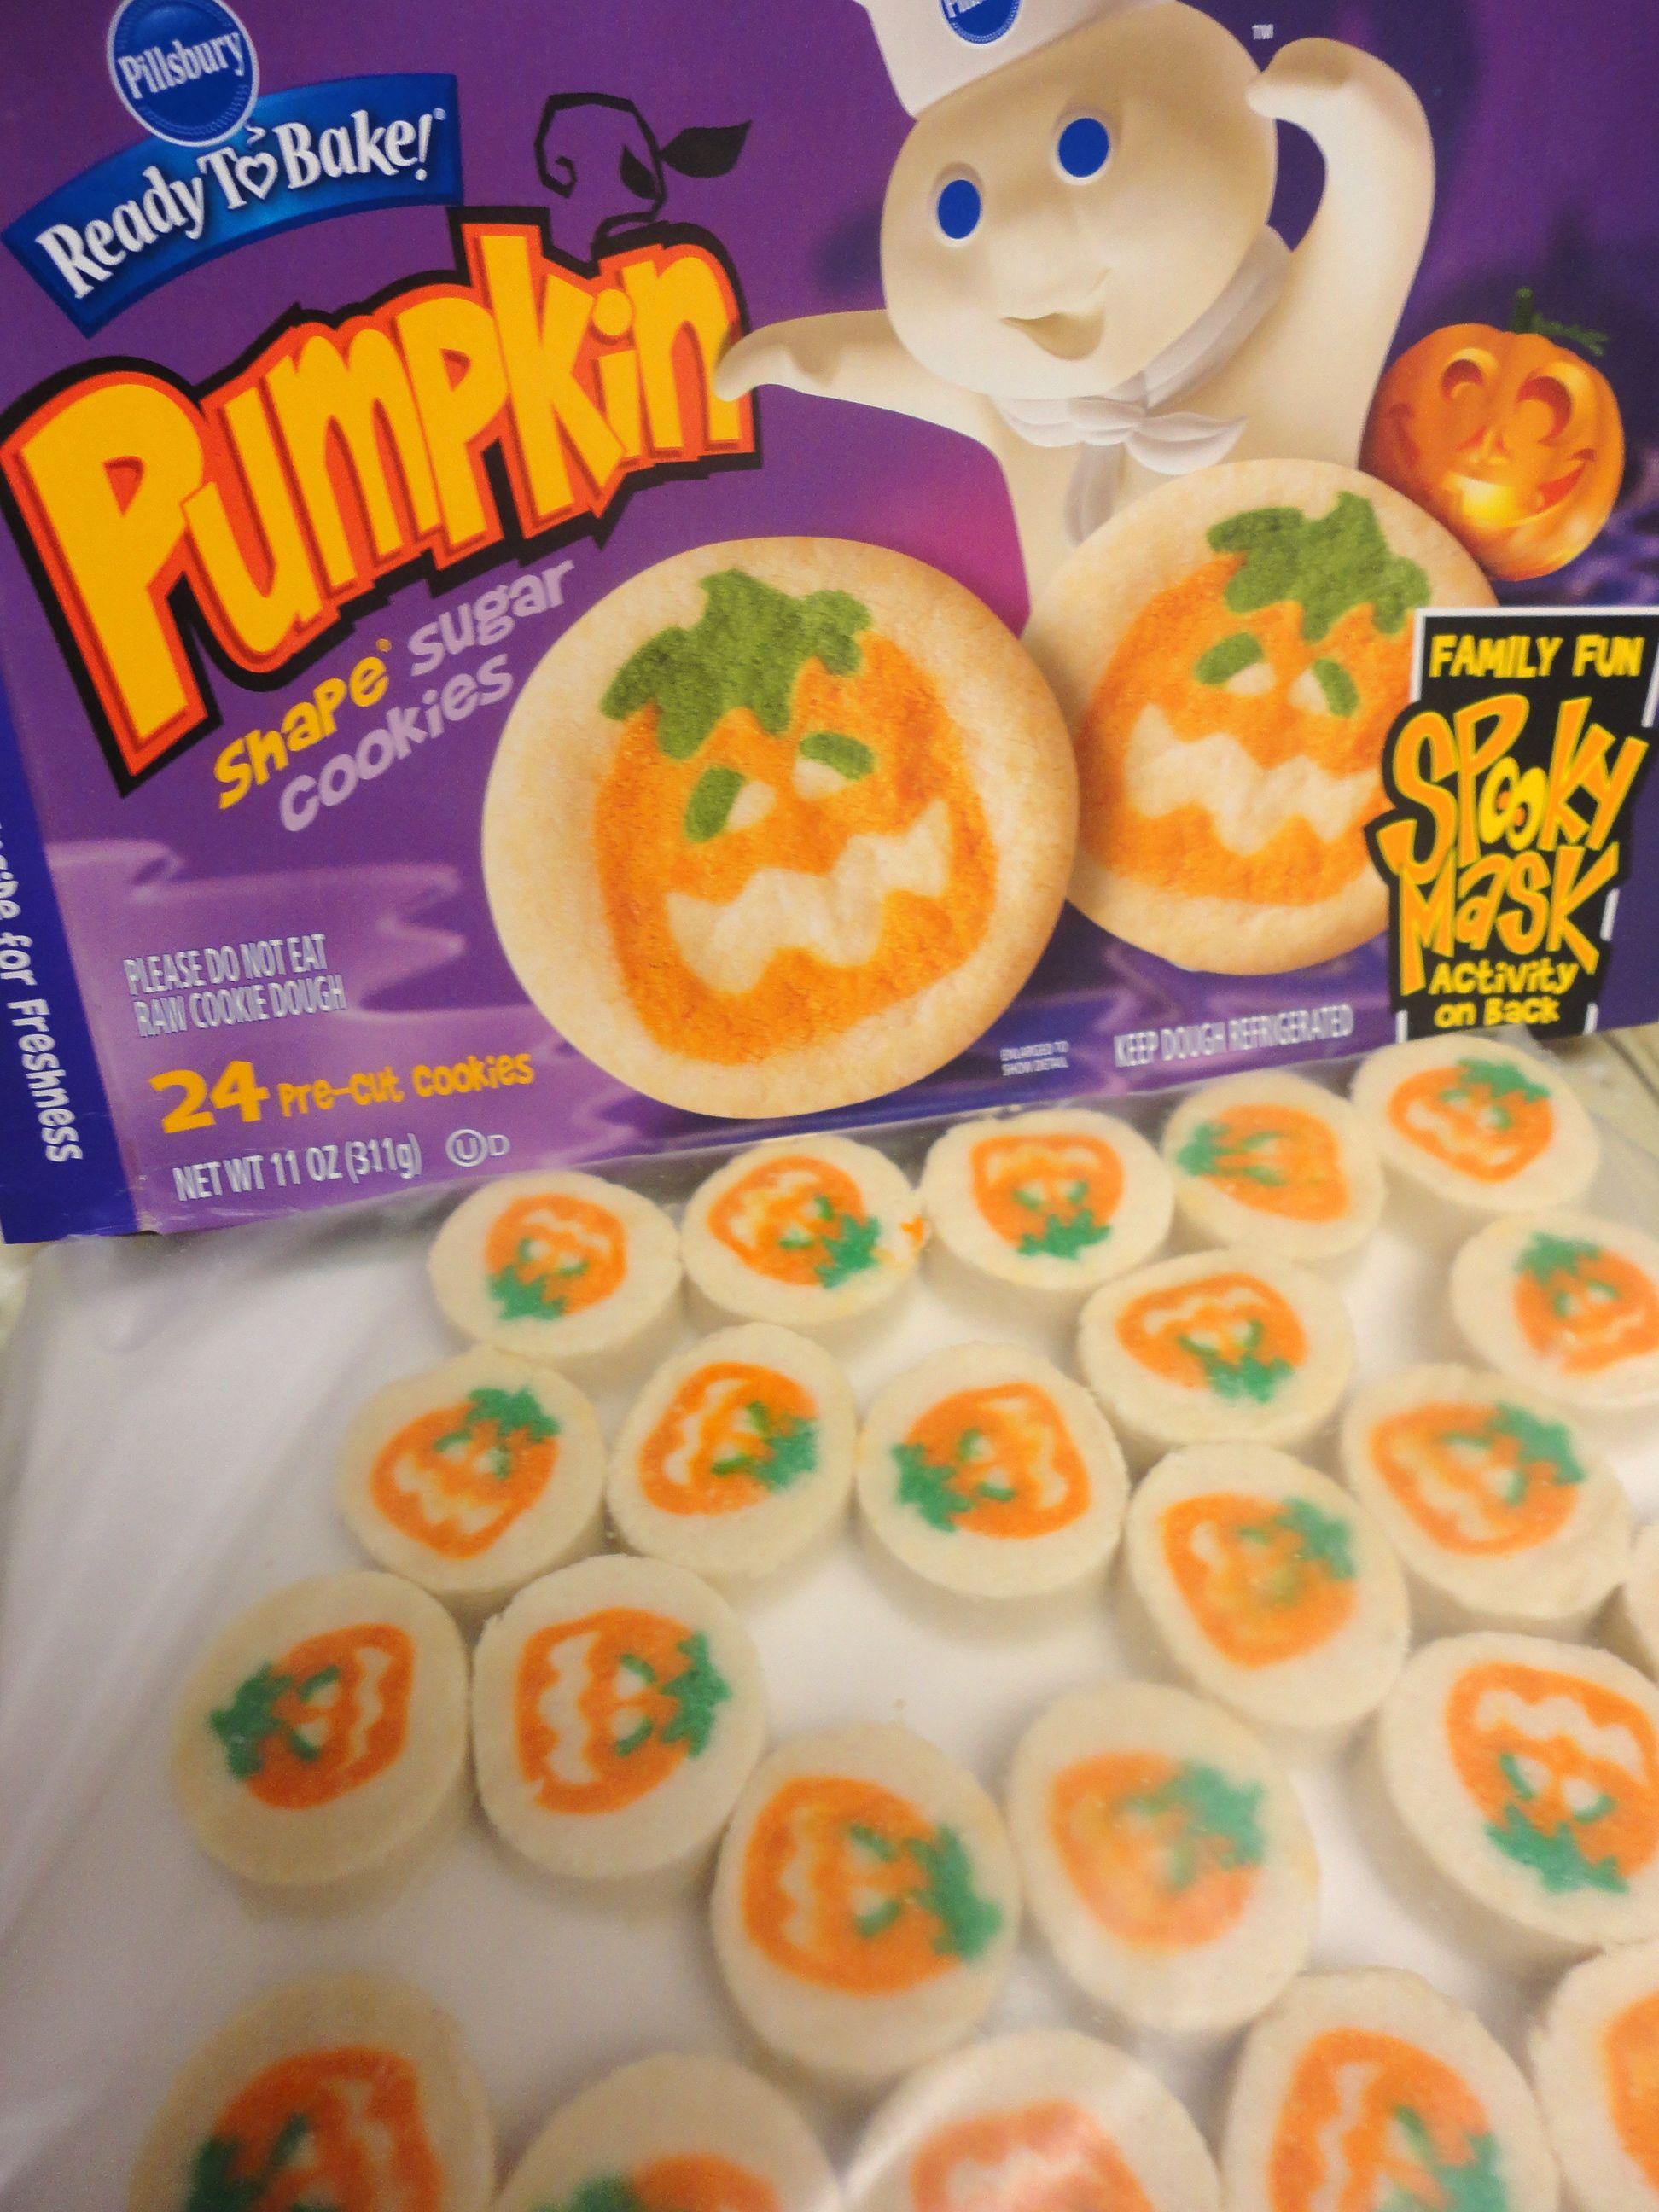 Pillsbury Halloween Sugar Cookies Heaven On Earth Food Pics